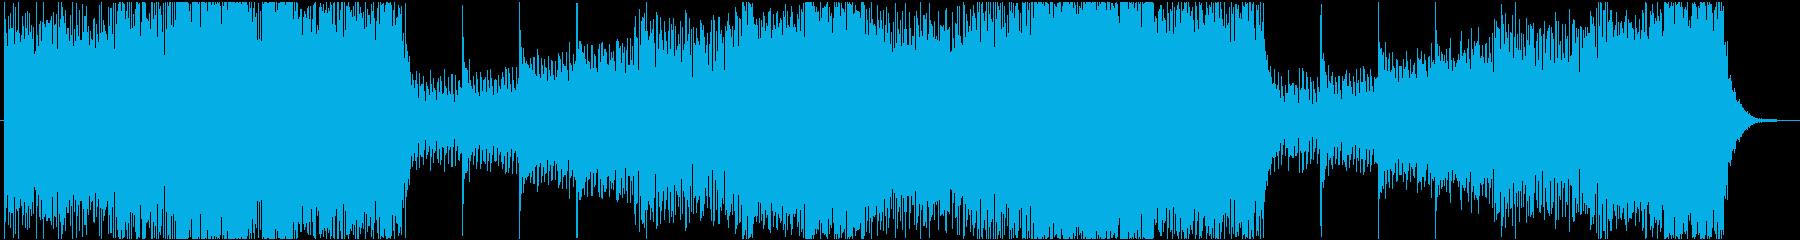 アゲアゲなトランスです。の再生済みの波形